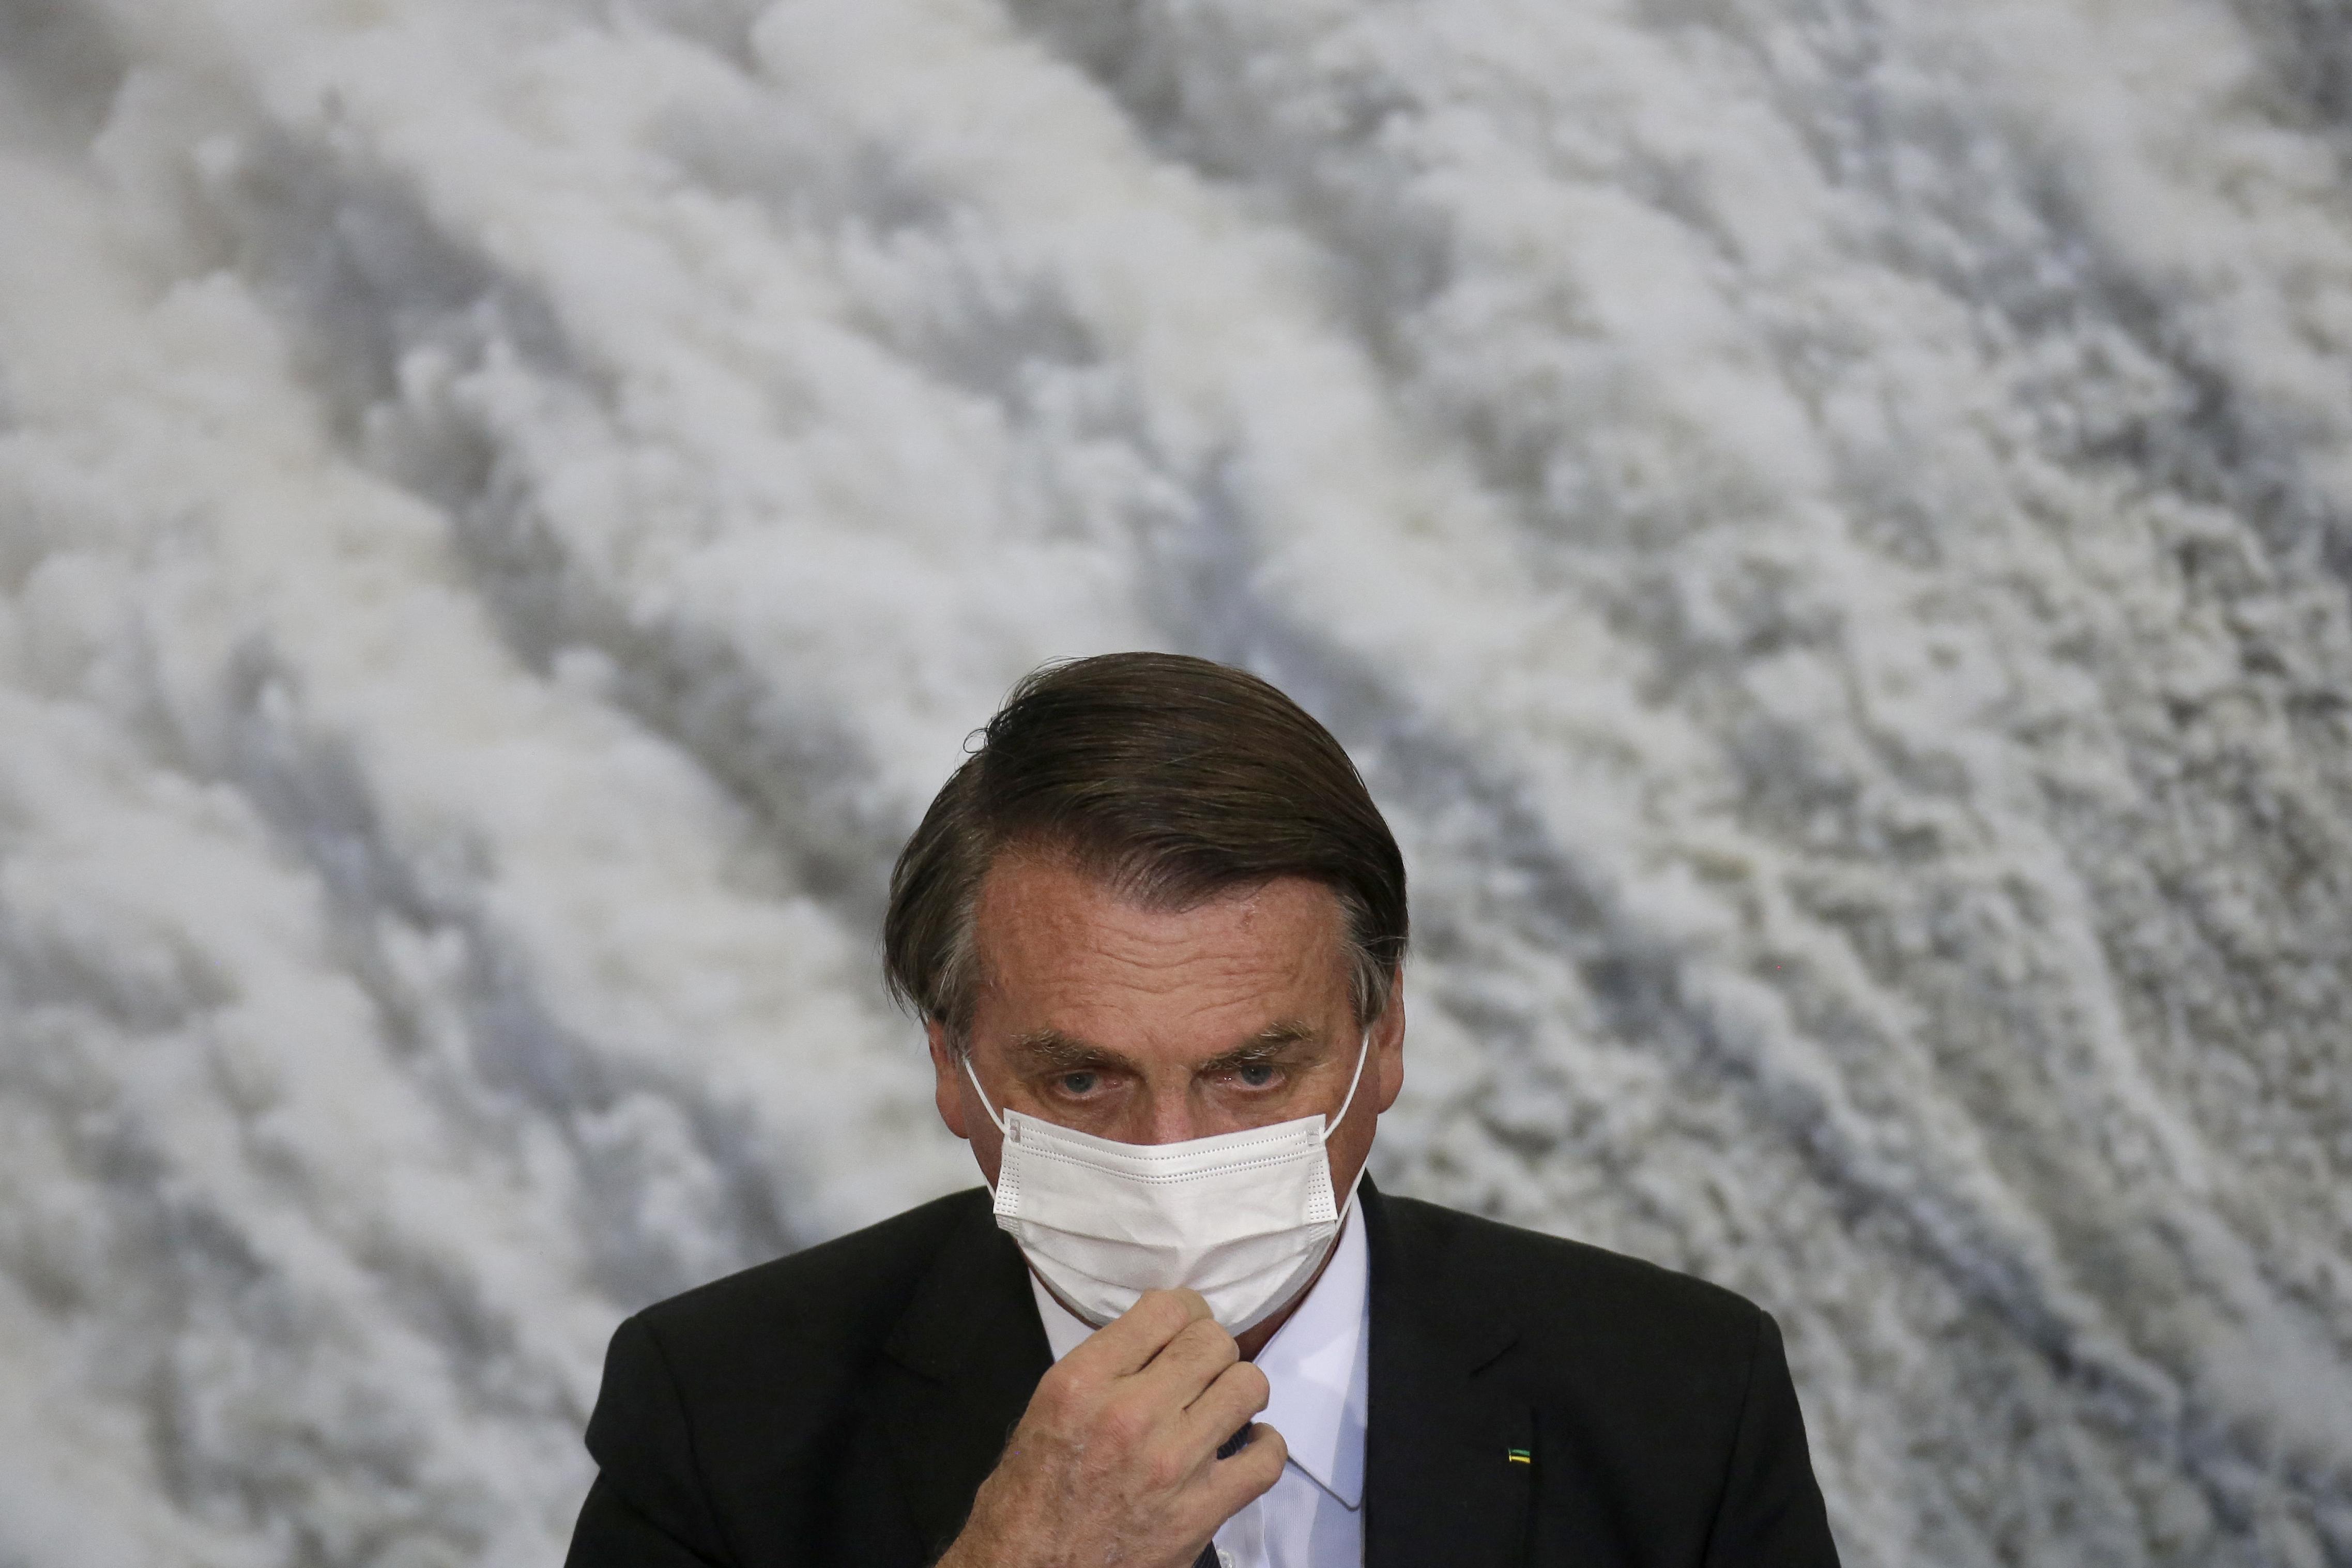 Bolsonaro csuklásából bélelzáródás lett